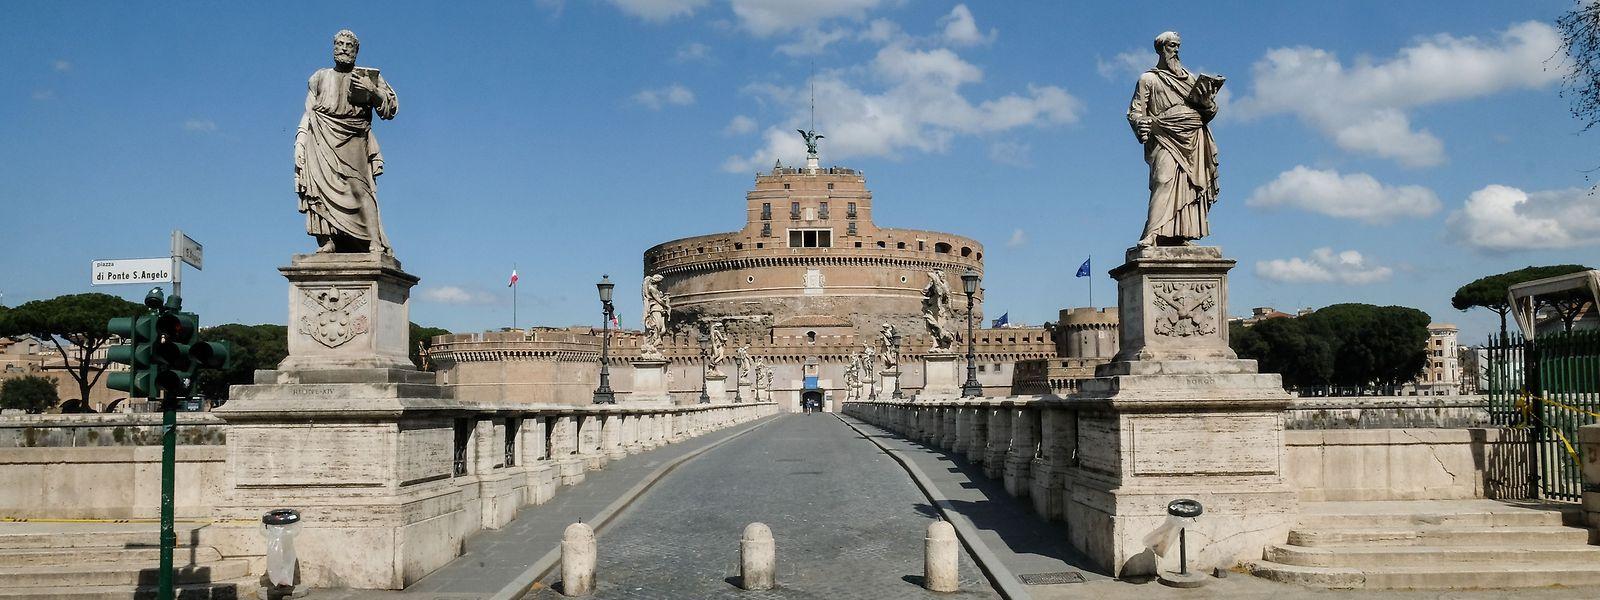 Blick auf die Engelsburg in Rom - hier tummeln sich normalerweise Tausende.